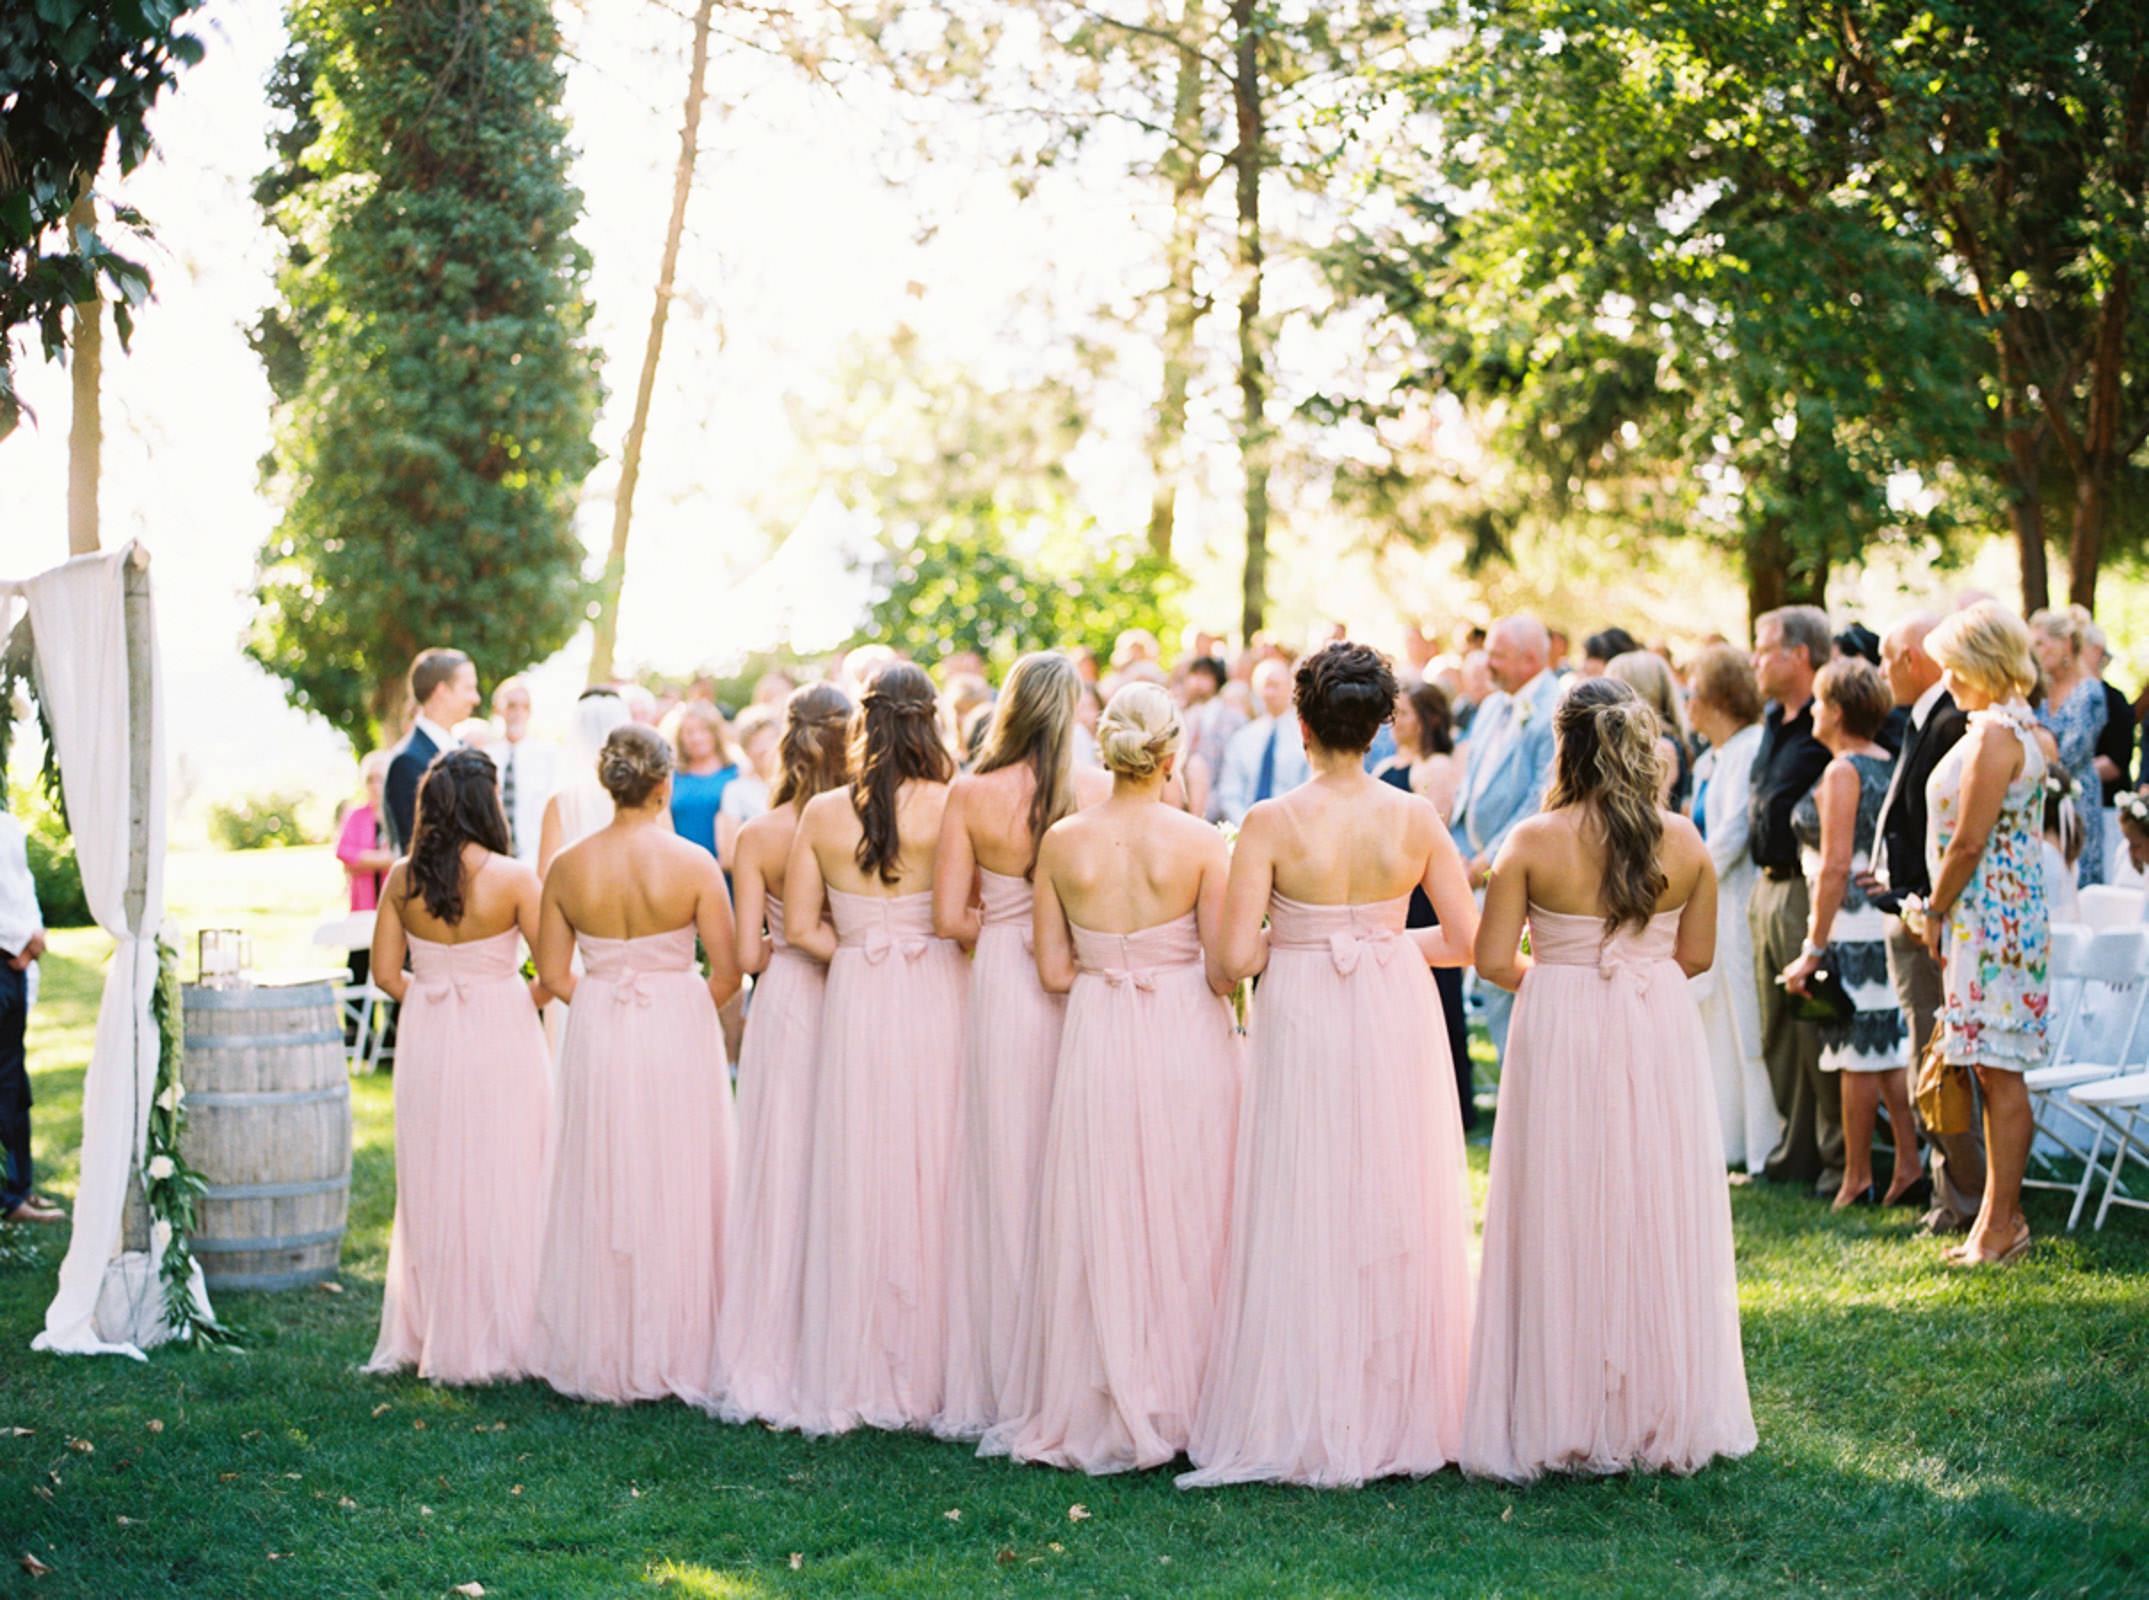 Outdoor Wedding Venue in Spokane, Arbor Crest winery photographed by Spokane Wedding Photographer Anna Peters